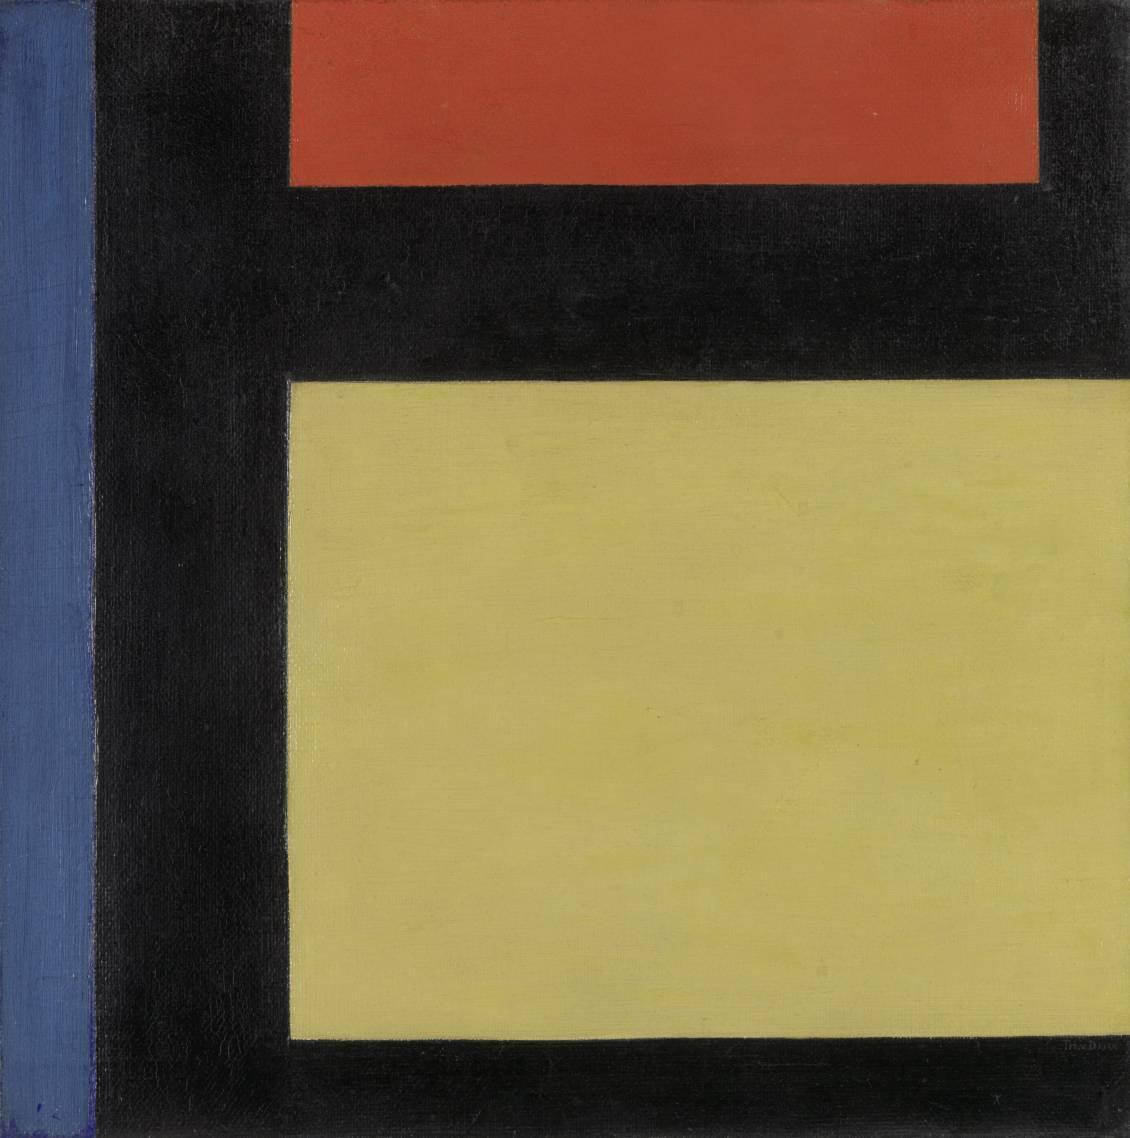 Theo van Doesburg, Contra-compositie X, 1924